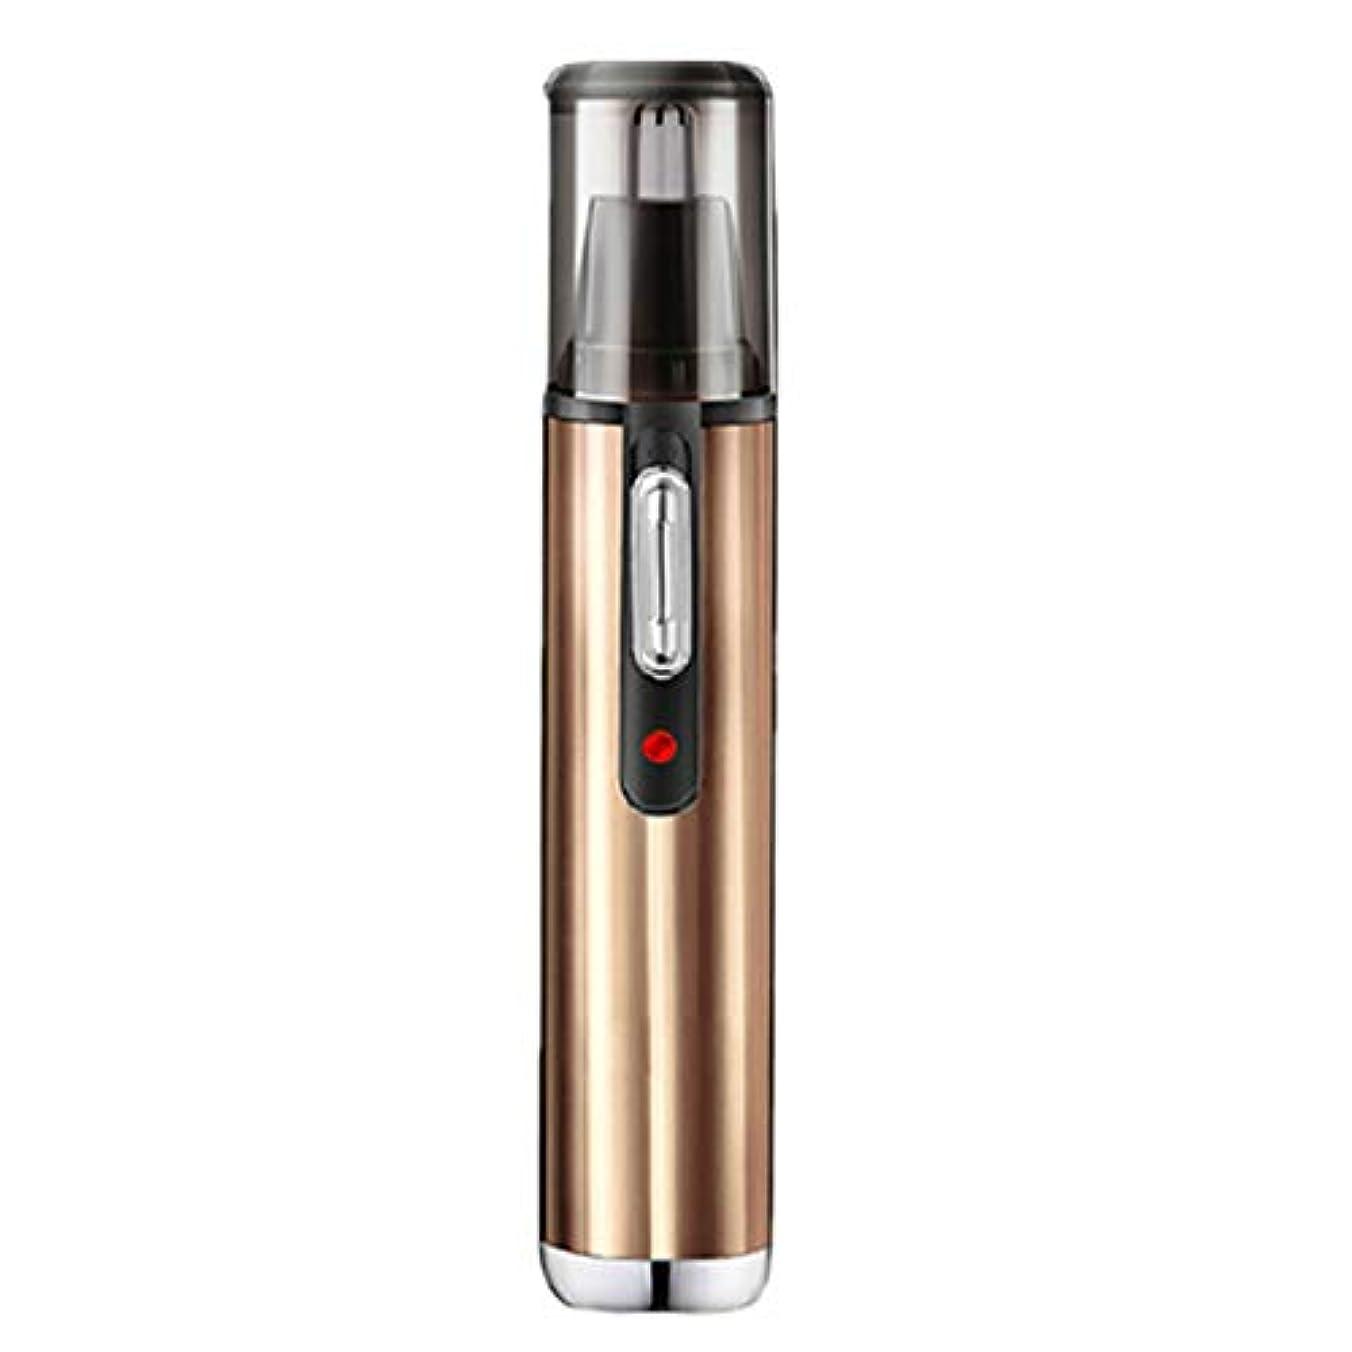 あざ才能のある時計回りノーズナイフメンズ充電式USB防水1デュアルユース多機能イヤーナイフ電動カッティングウォッシャブルスモールポータブルイージーローノイズノーズヘアカットシェーバーユニセックス (A)